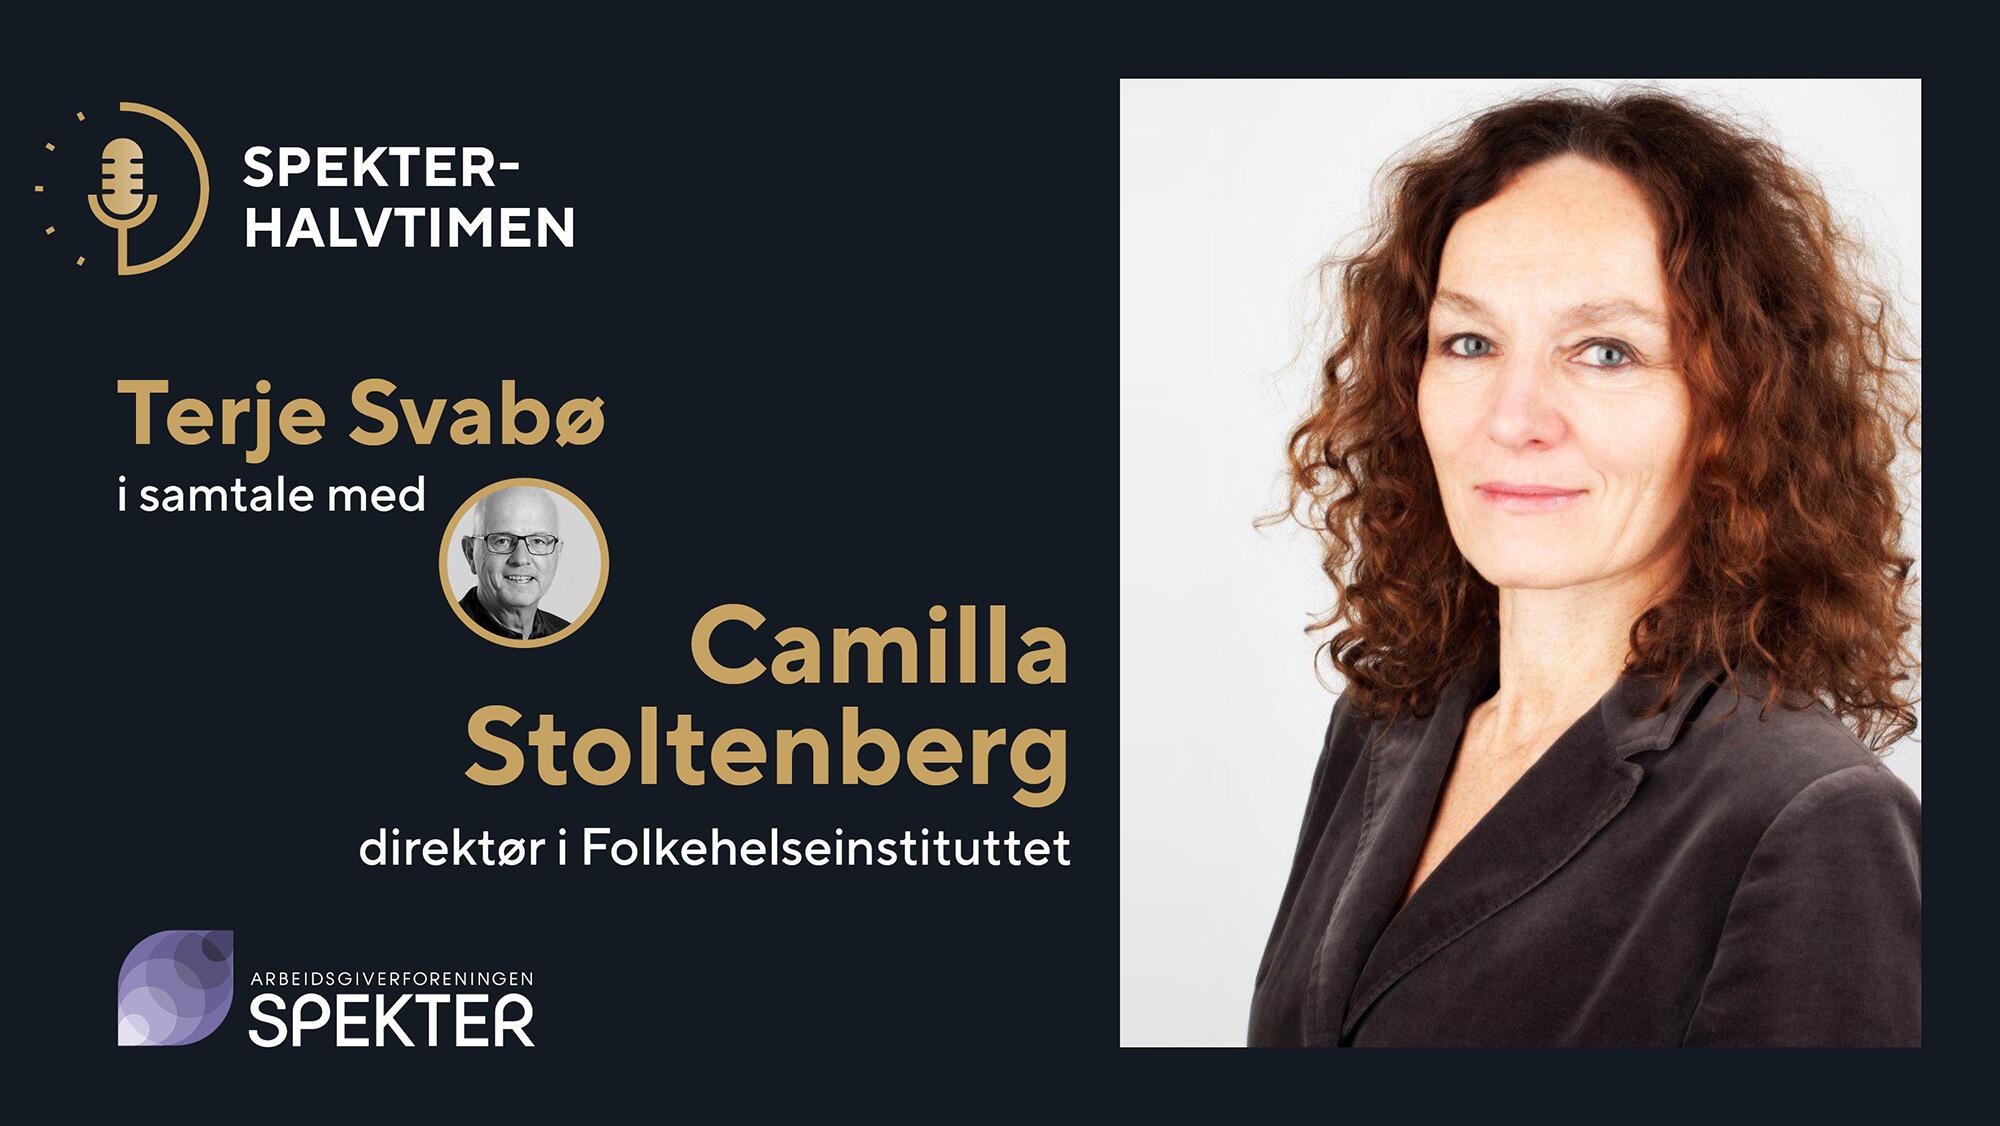 Spekterhalvtimen Camilla Stoltenberg